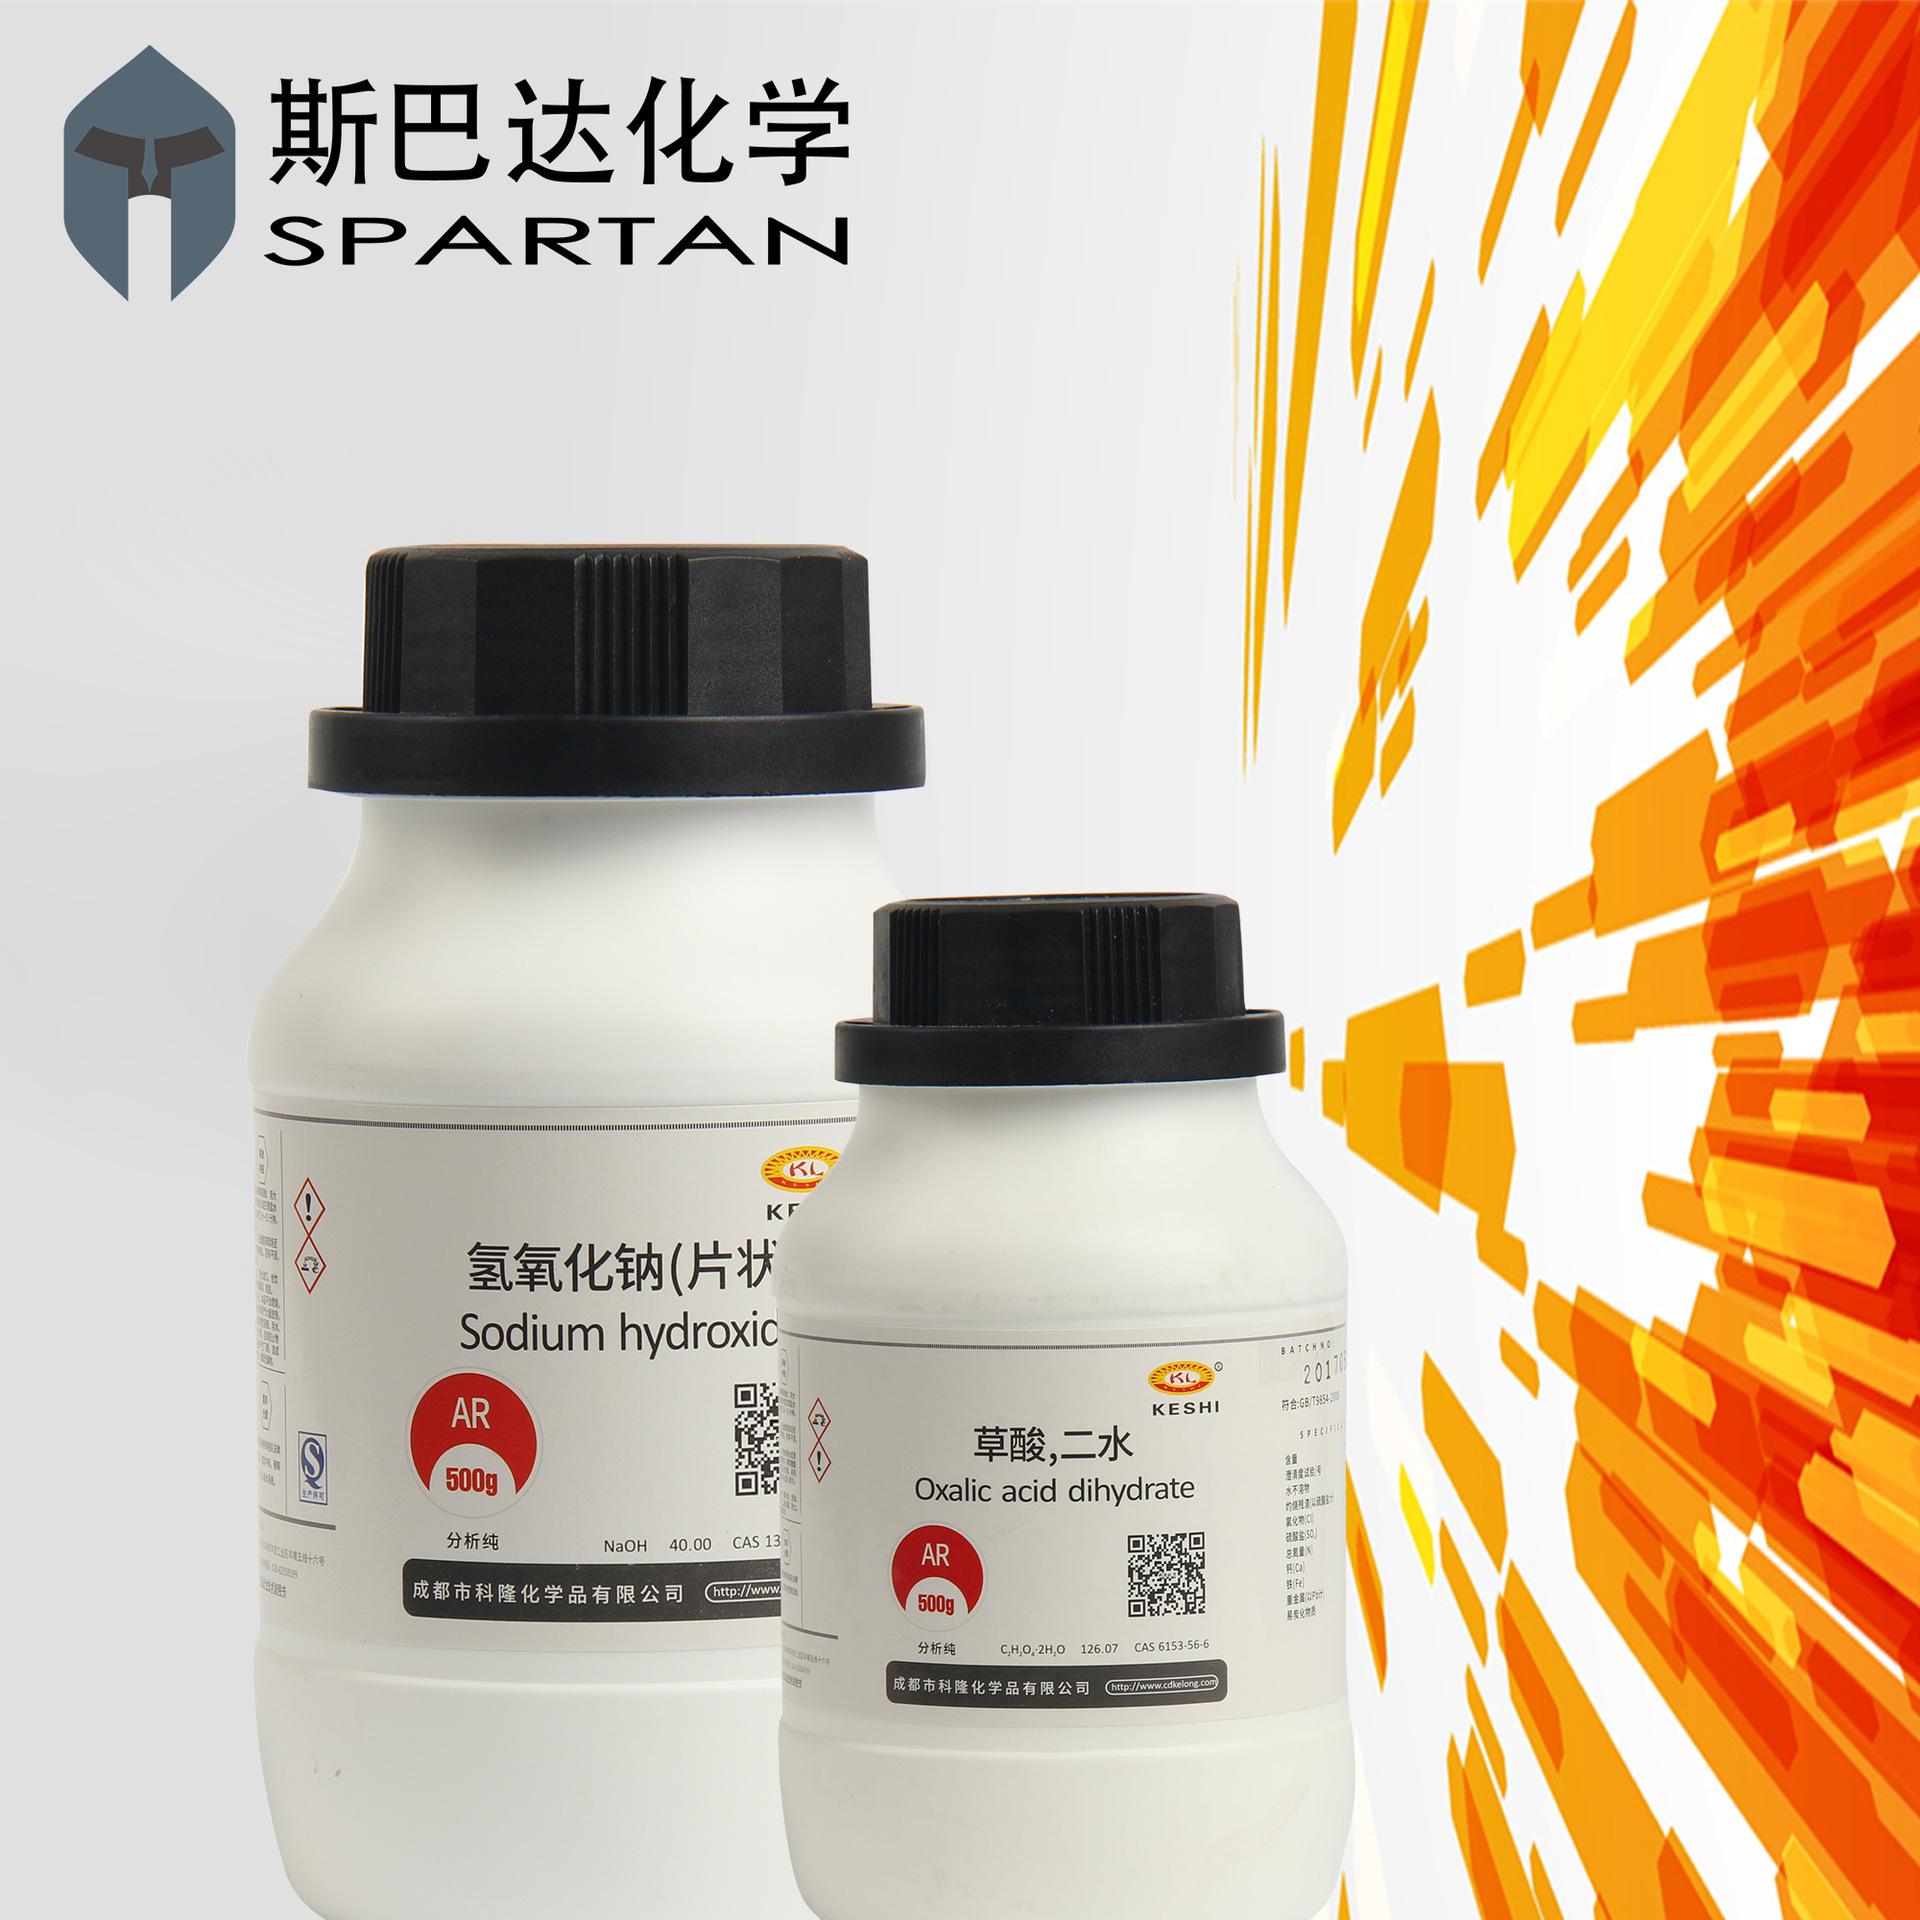 Spartan Thuốc thử Chemical Phân tích tinh khiết, tuyệt vời cấp tinh khiết, sắc ký tinh khiết, liên k